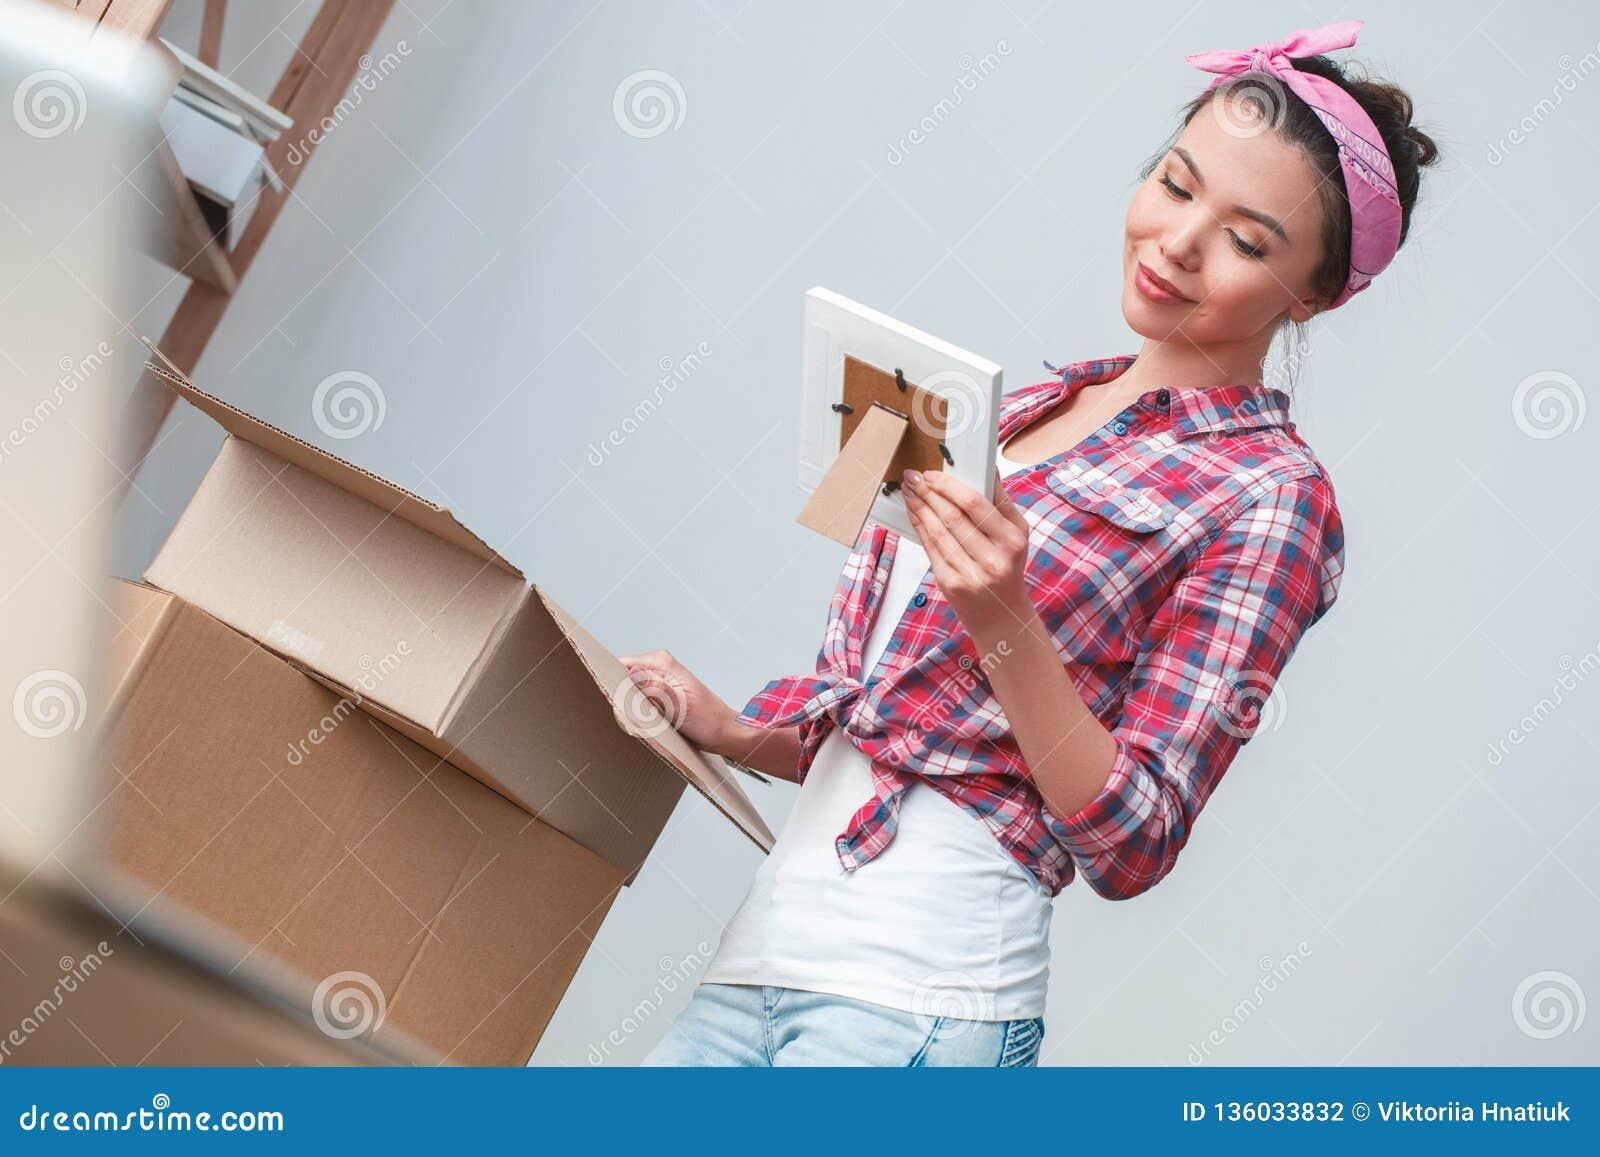 Młoda dziewczyna rusza się nowego miejsca kocowania trwanie rzeczy patrzeje fotografia uśmiechniętego nostalgicznego